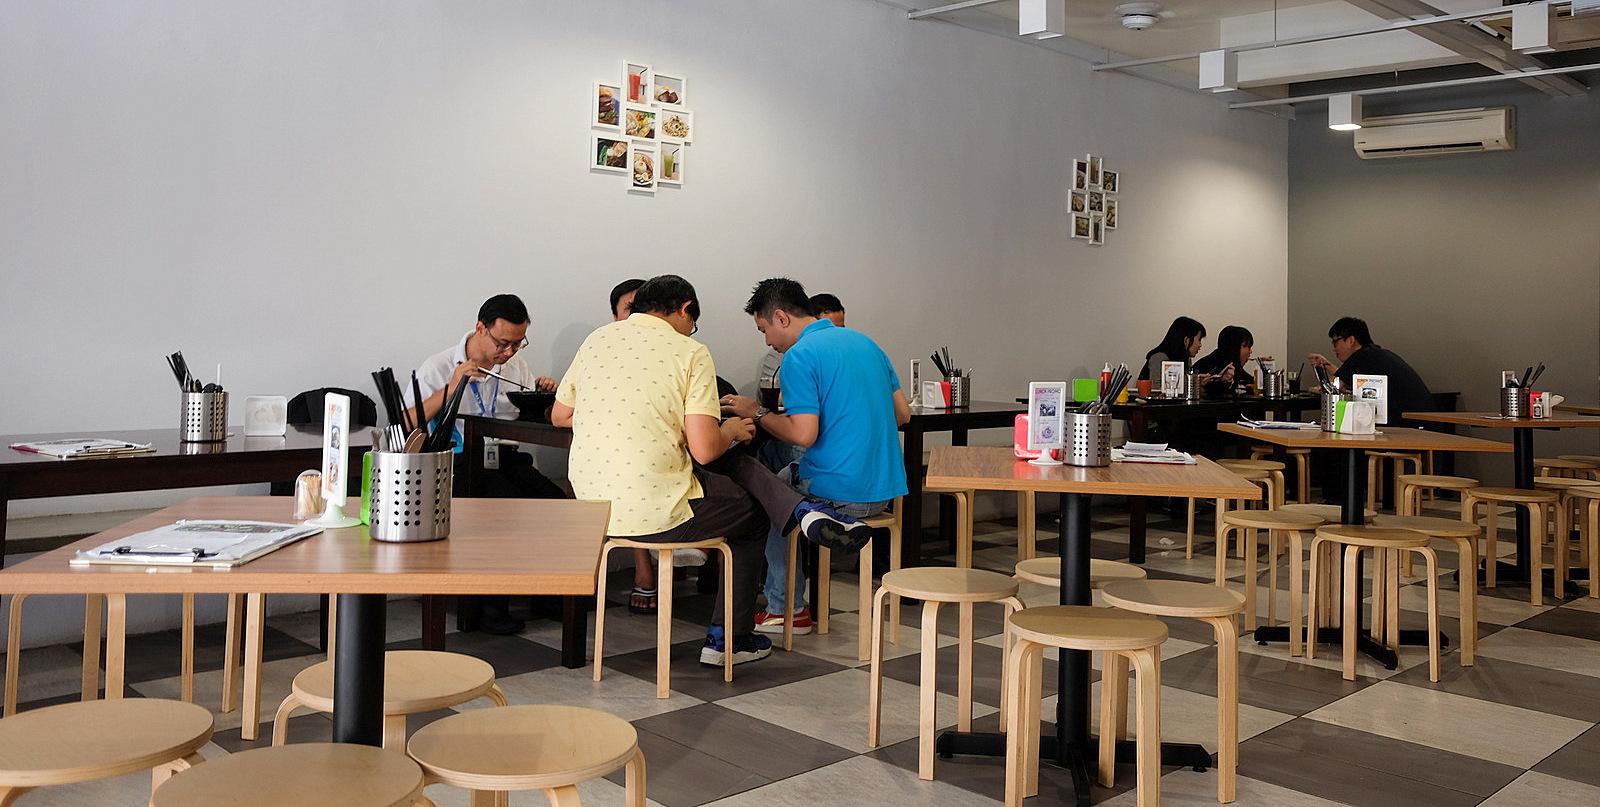 fusion canteen @ ss2, petaling jaya